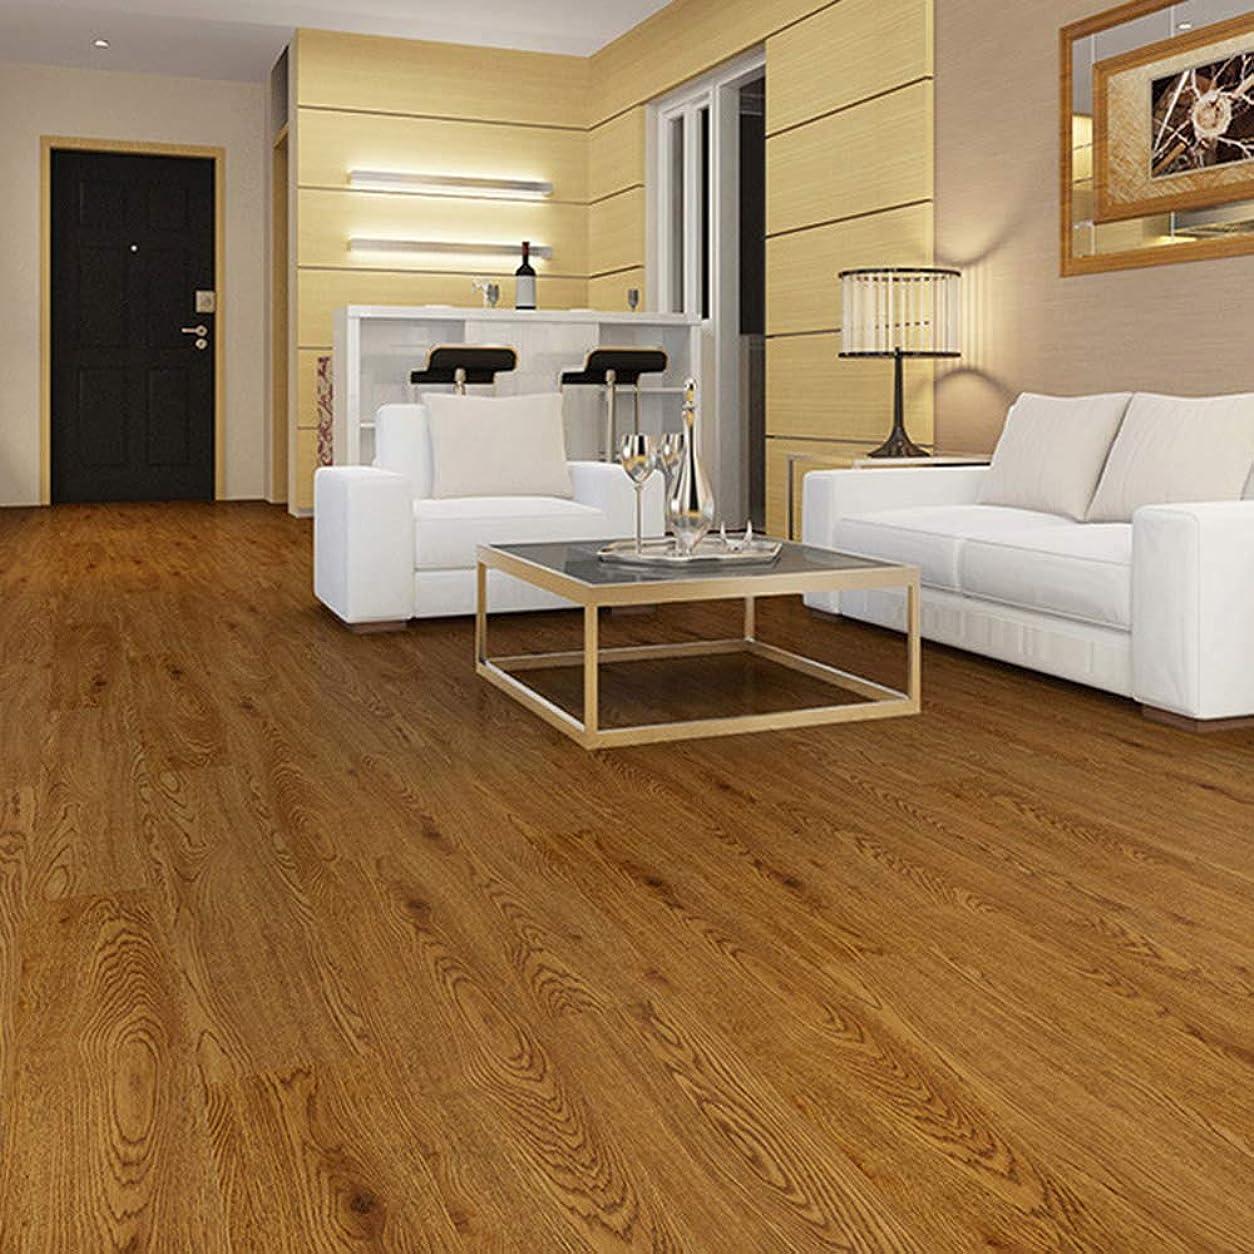 物理学者群れ協定ビニールの自己接着床、寝室の防水性と耐摩耗性のPVC床ステッカー、接着剤付きのリビングルームの模造木目装飾背面2mm厚の床革(1m2には7個が含まれています)